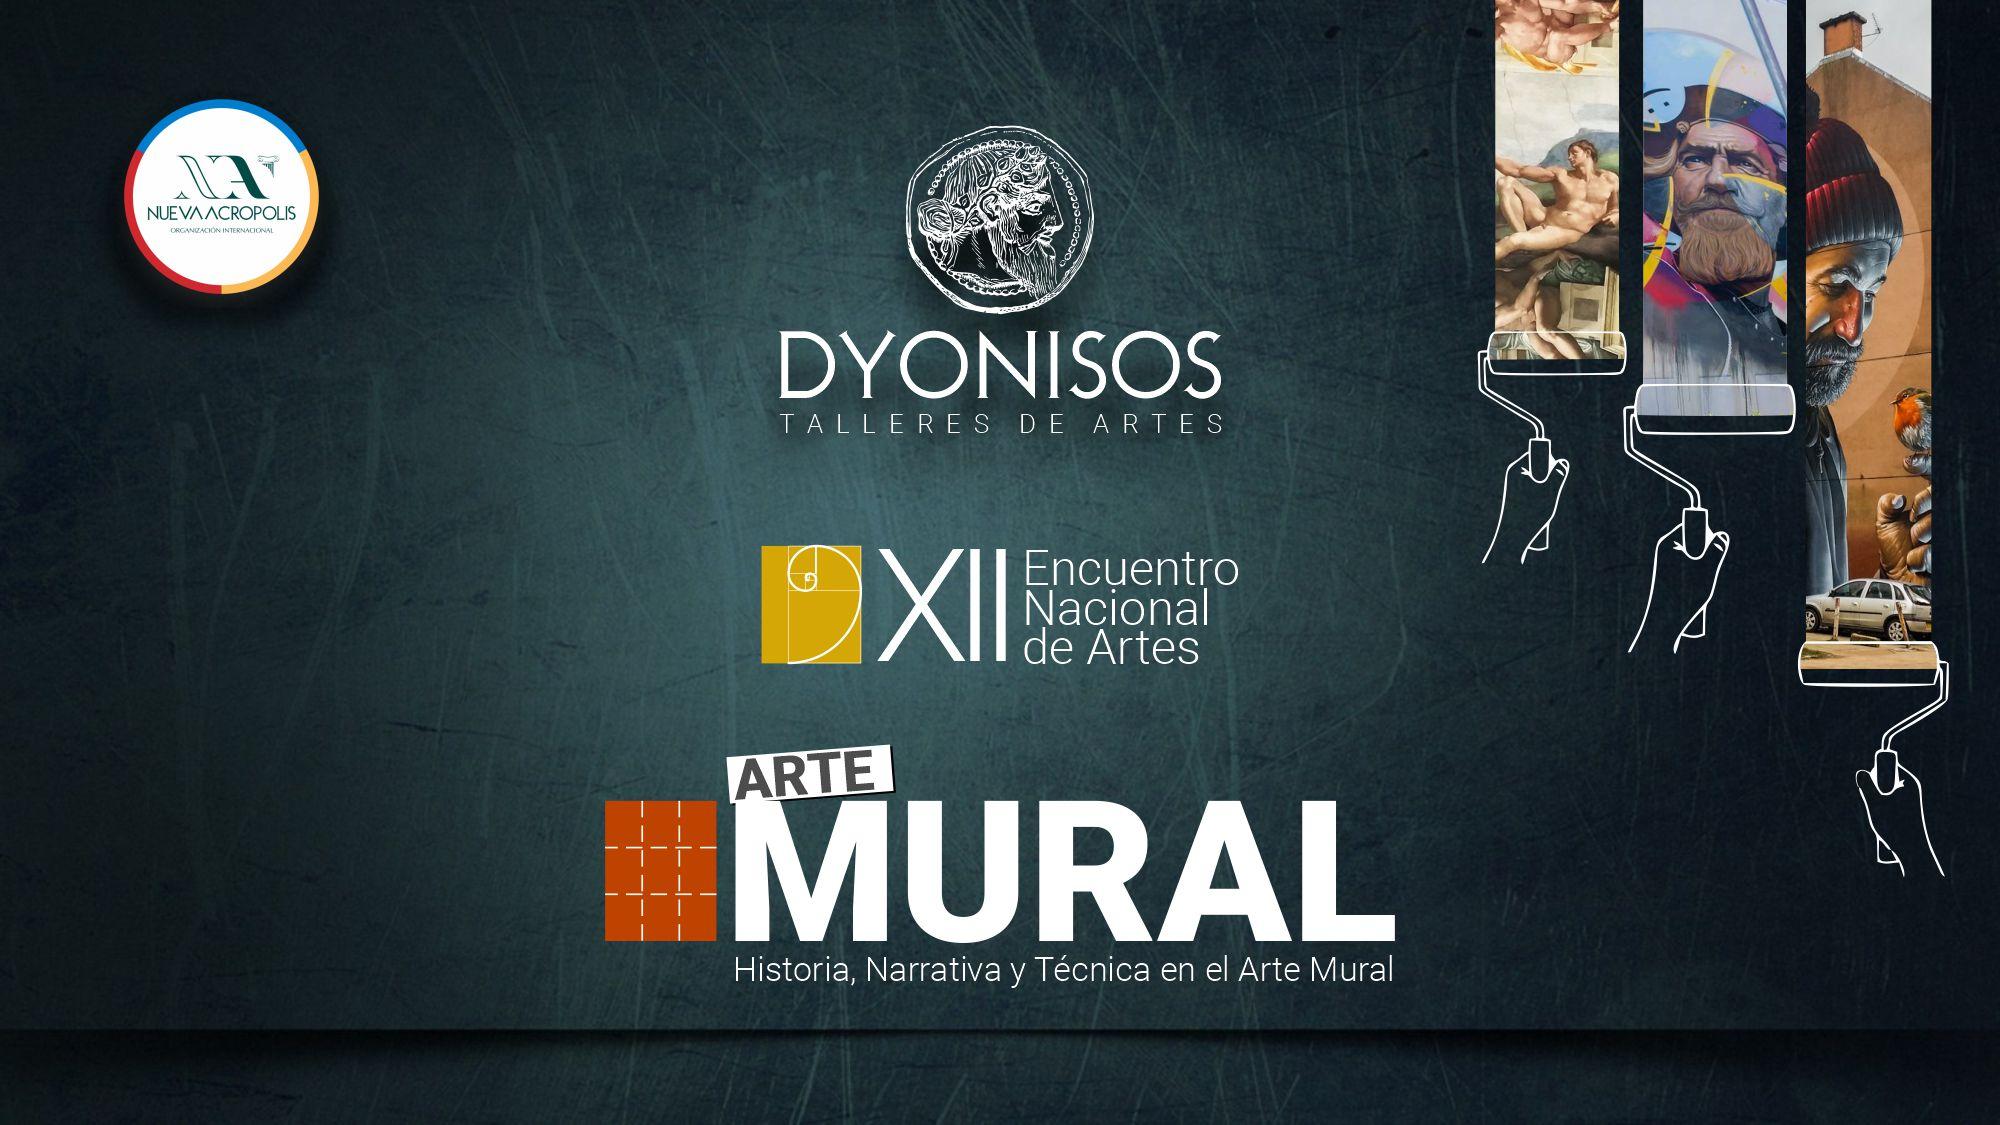 XII Encuentro Nacional de Artes Dyonisos 2021